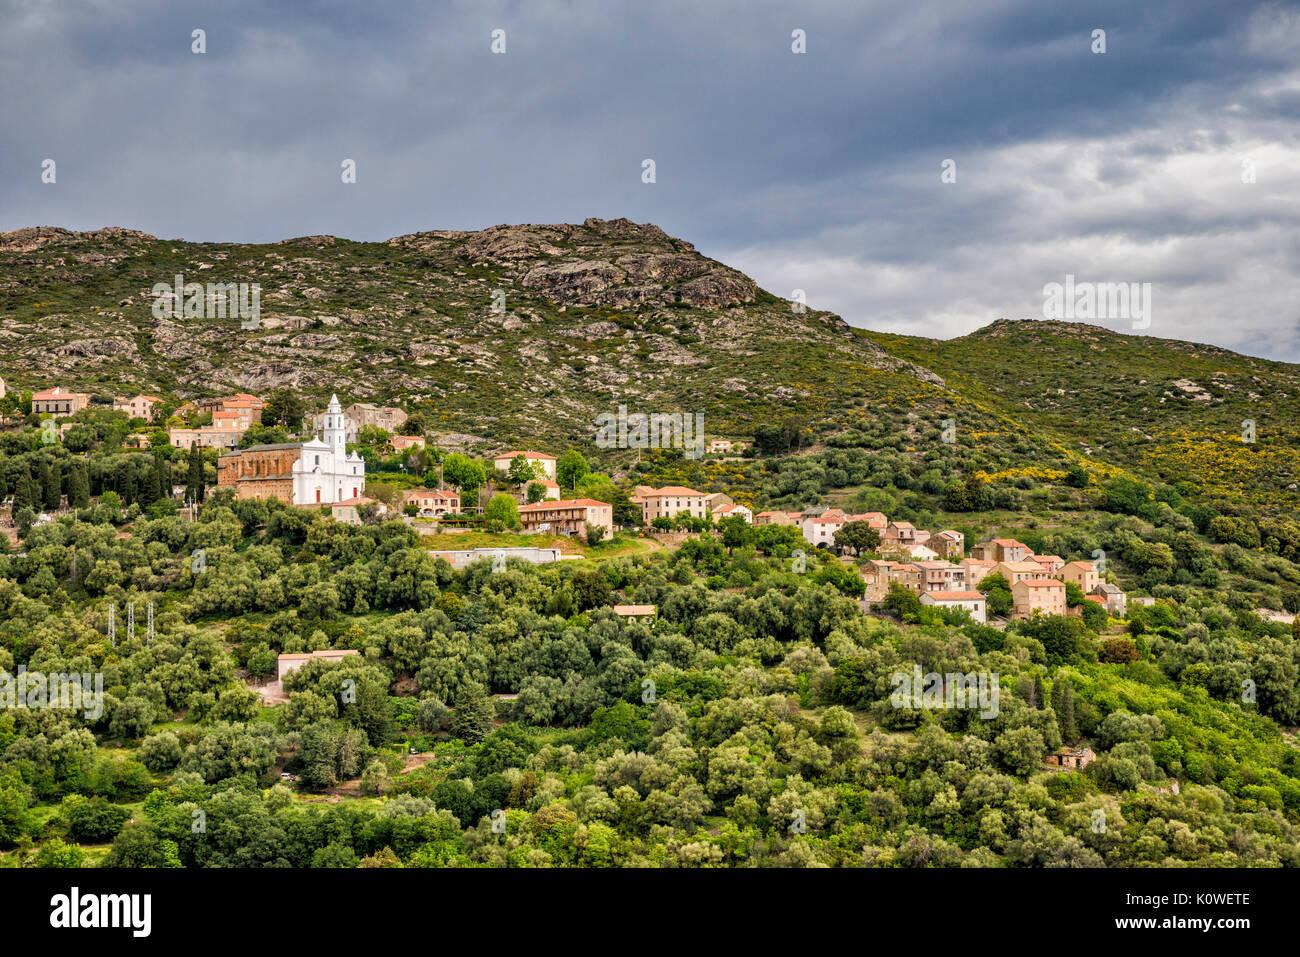 Borgo collinare di Santo-Pietro-di-tenda, il Nebbio regione, Haute-Corse reparto, Corsica, Francia Immagini Stock